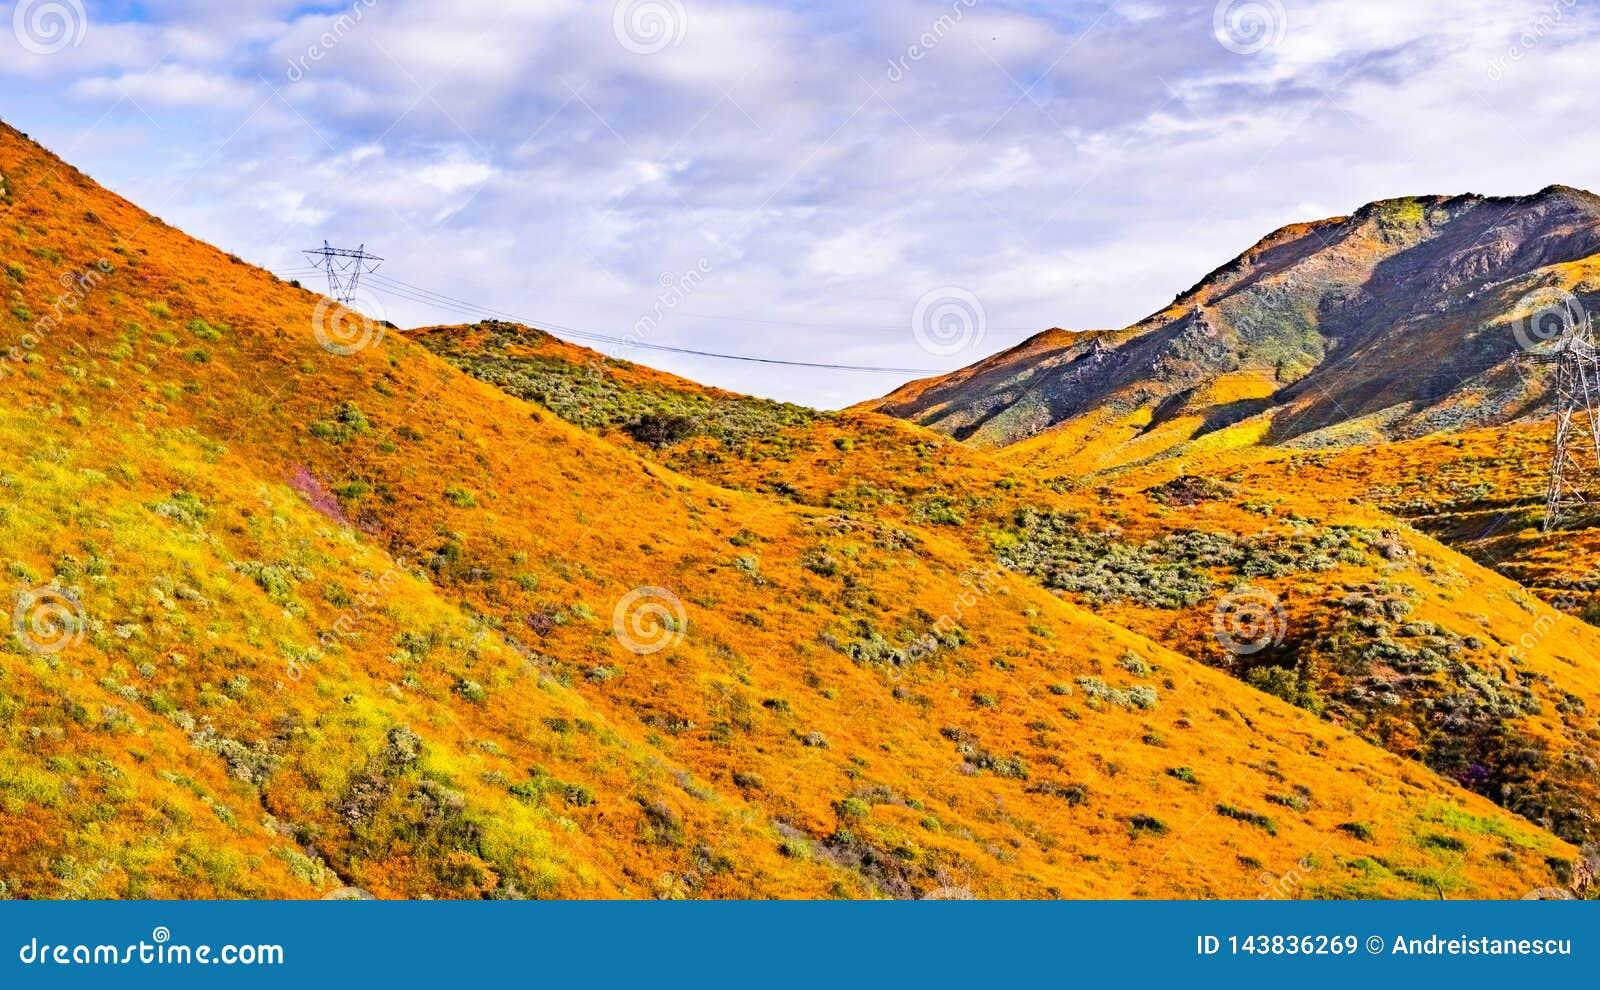 Paisagem em Walker Canyon durante o superbloom, papoilas de Califórnia que cobrem os vales da montanha e os cumes, lago Elsinore,